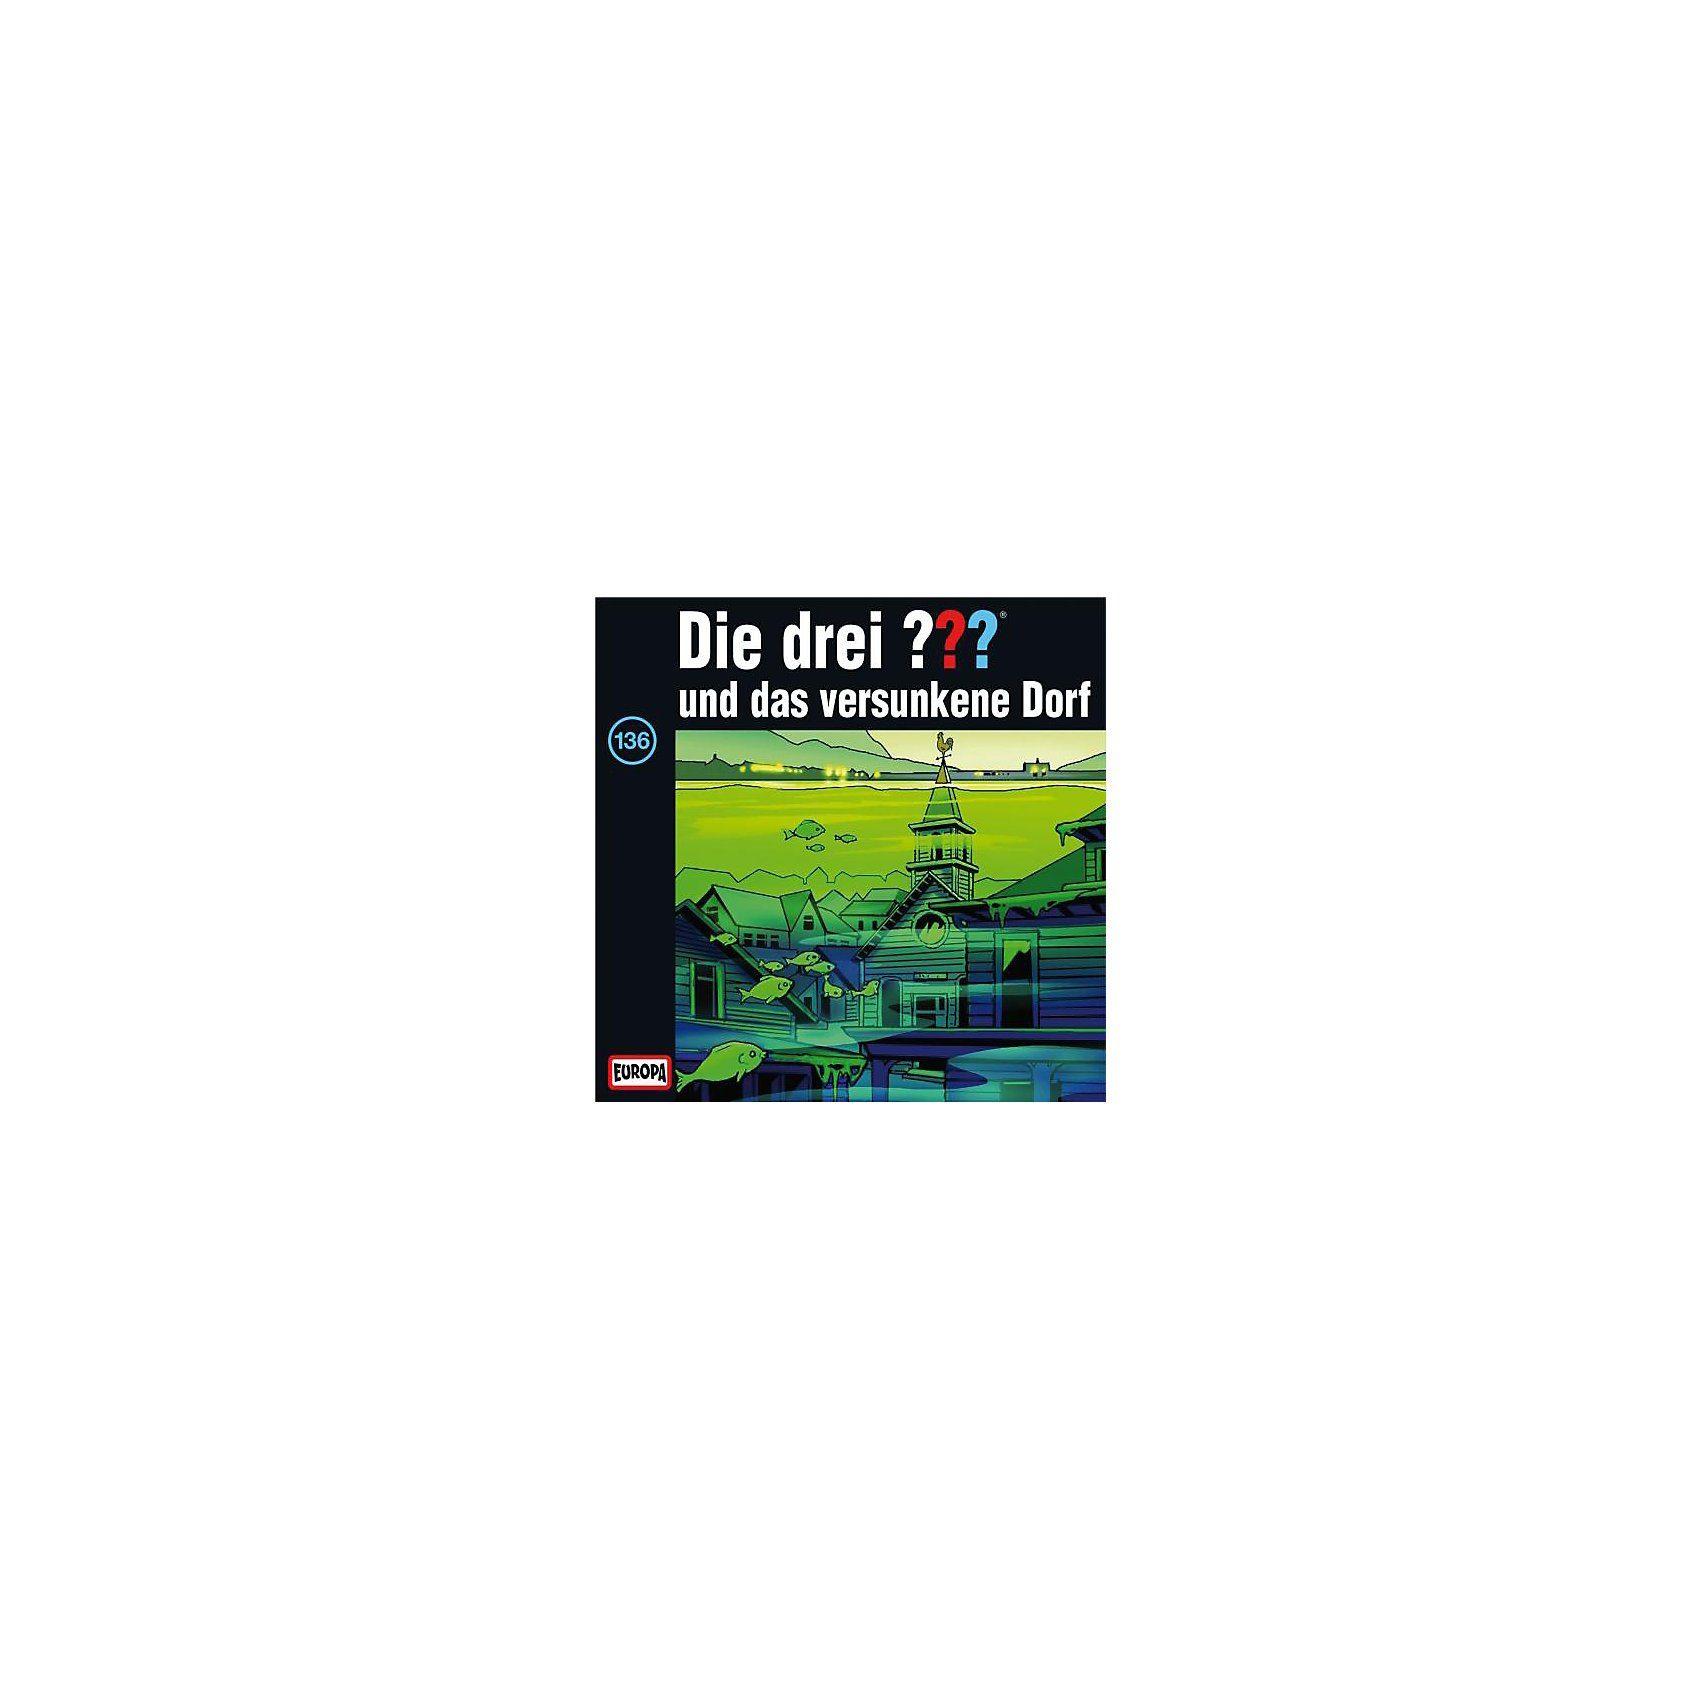 SONY BMG MUSIC CD Die Drei ??? 136 - und das versunkene Dorf